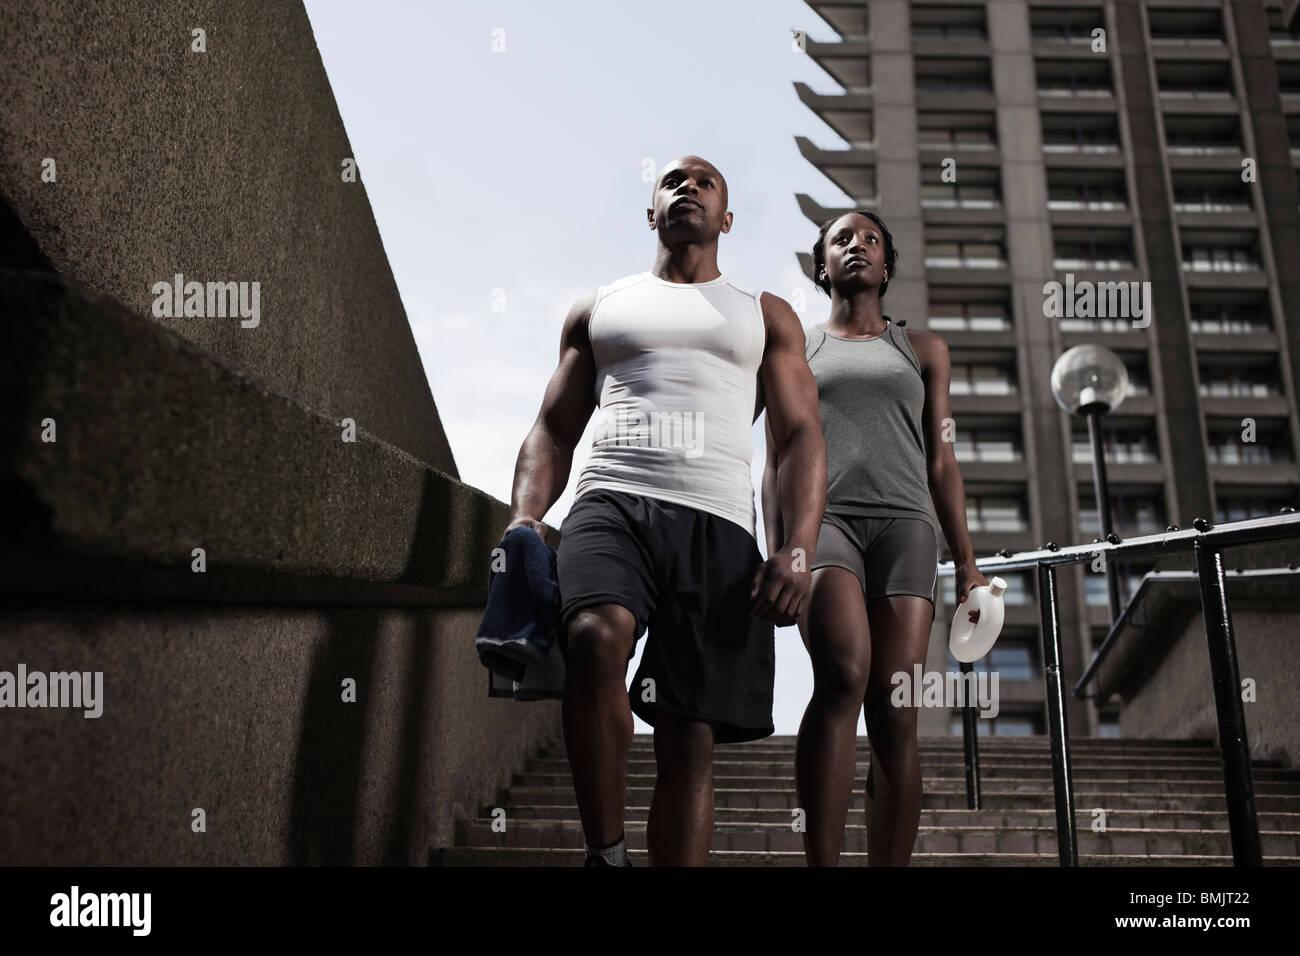 Mettre en place dans l'exécution de porter jeune couple walking down steps sur city estate Photo Stock